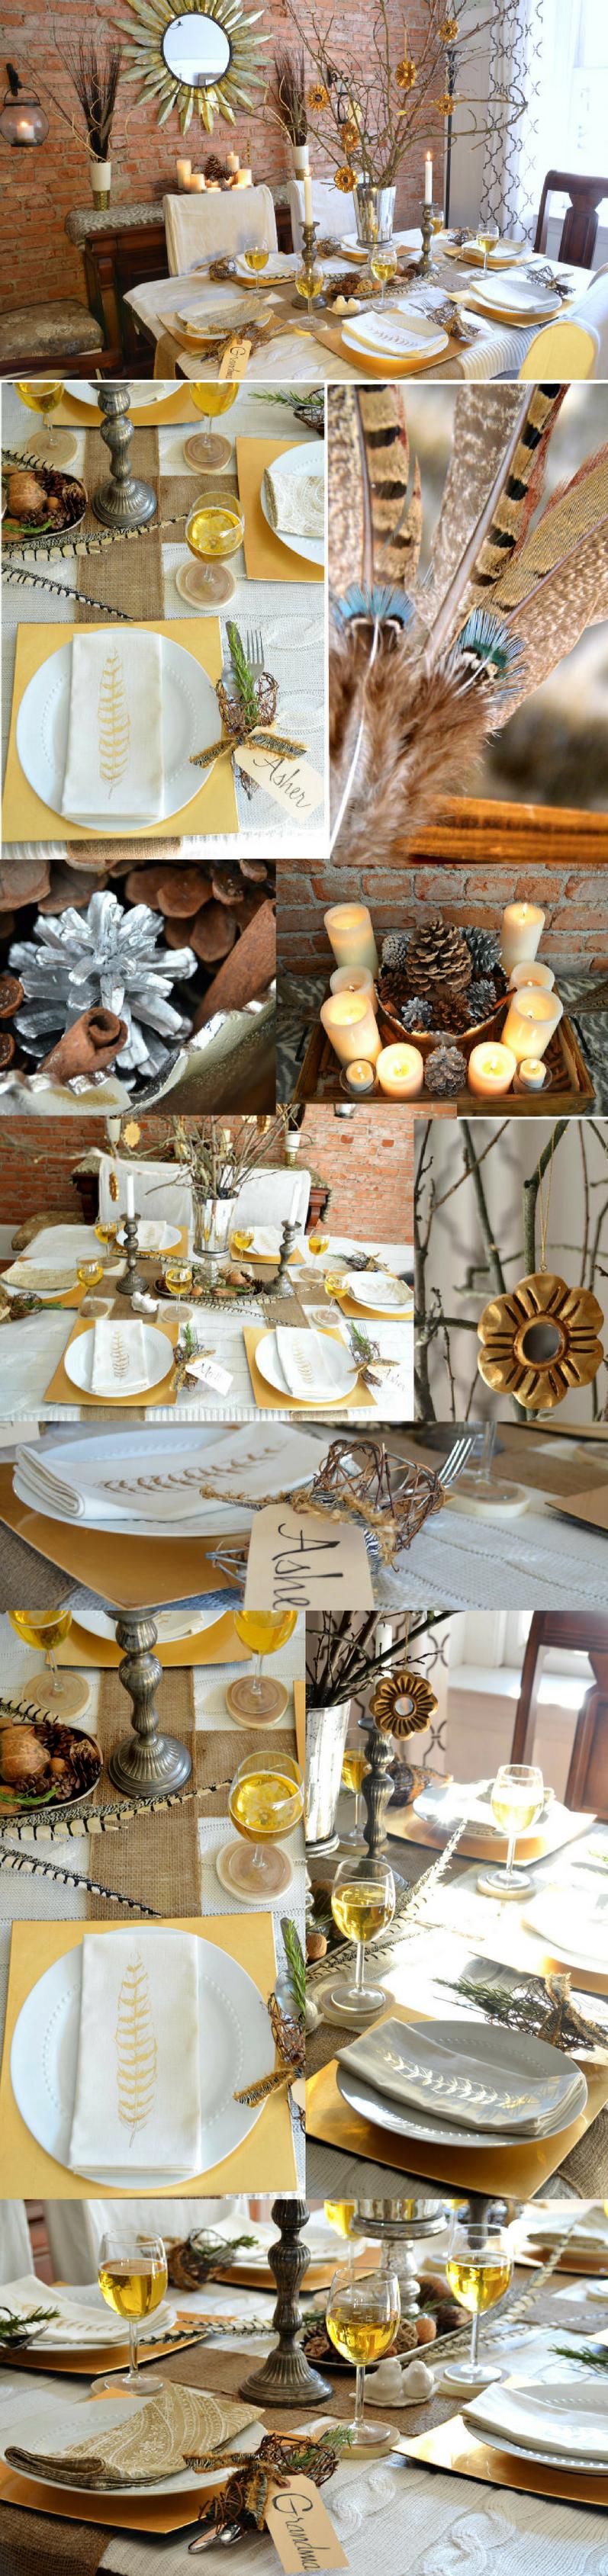 Herbstliche Tischideen und Ambiente im Senfgelb: Dekorieren Sie den Tisch festlich